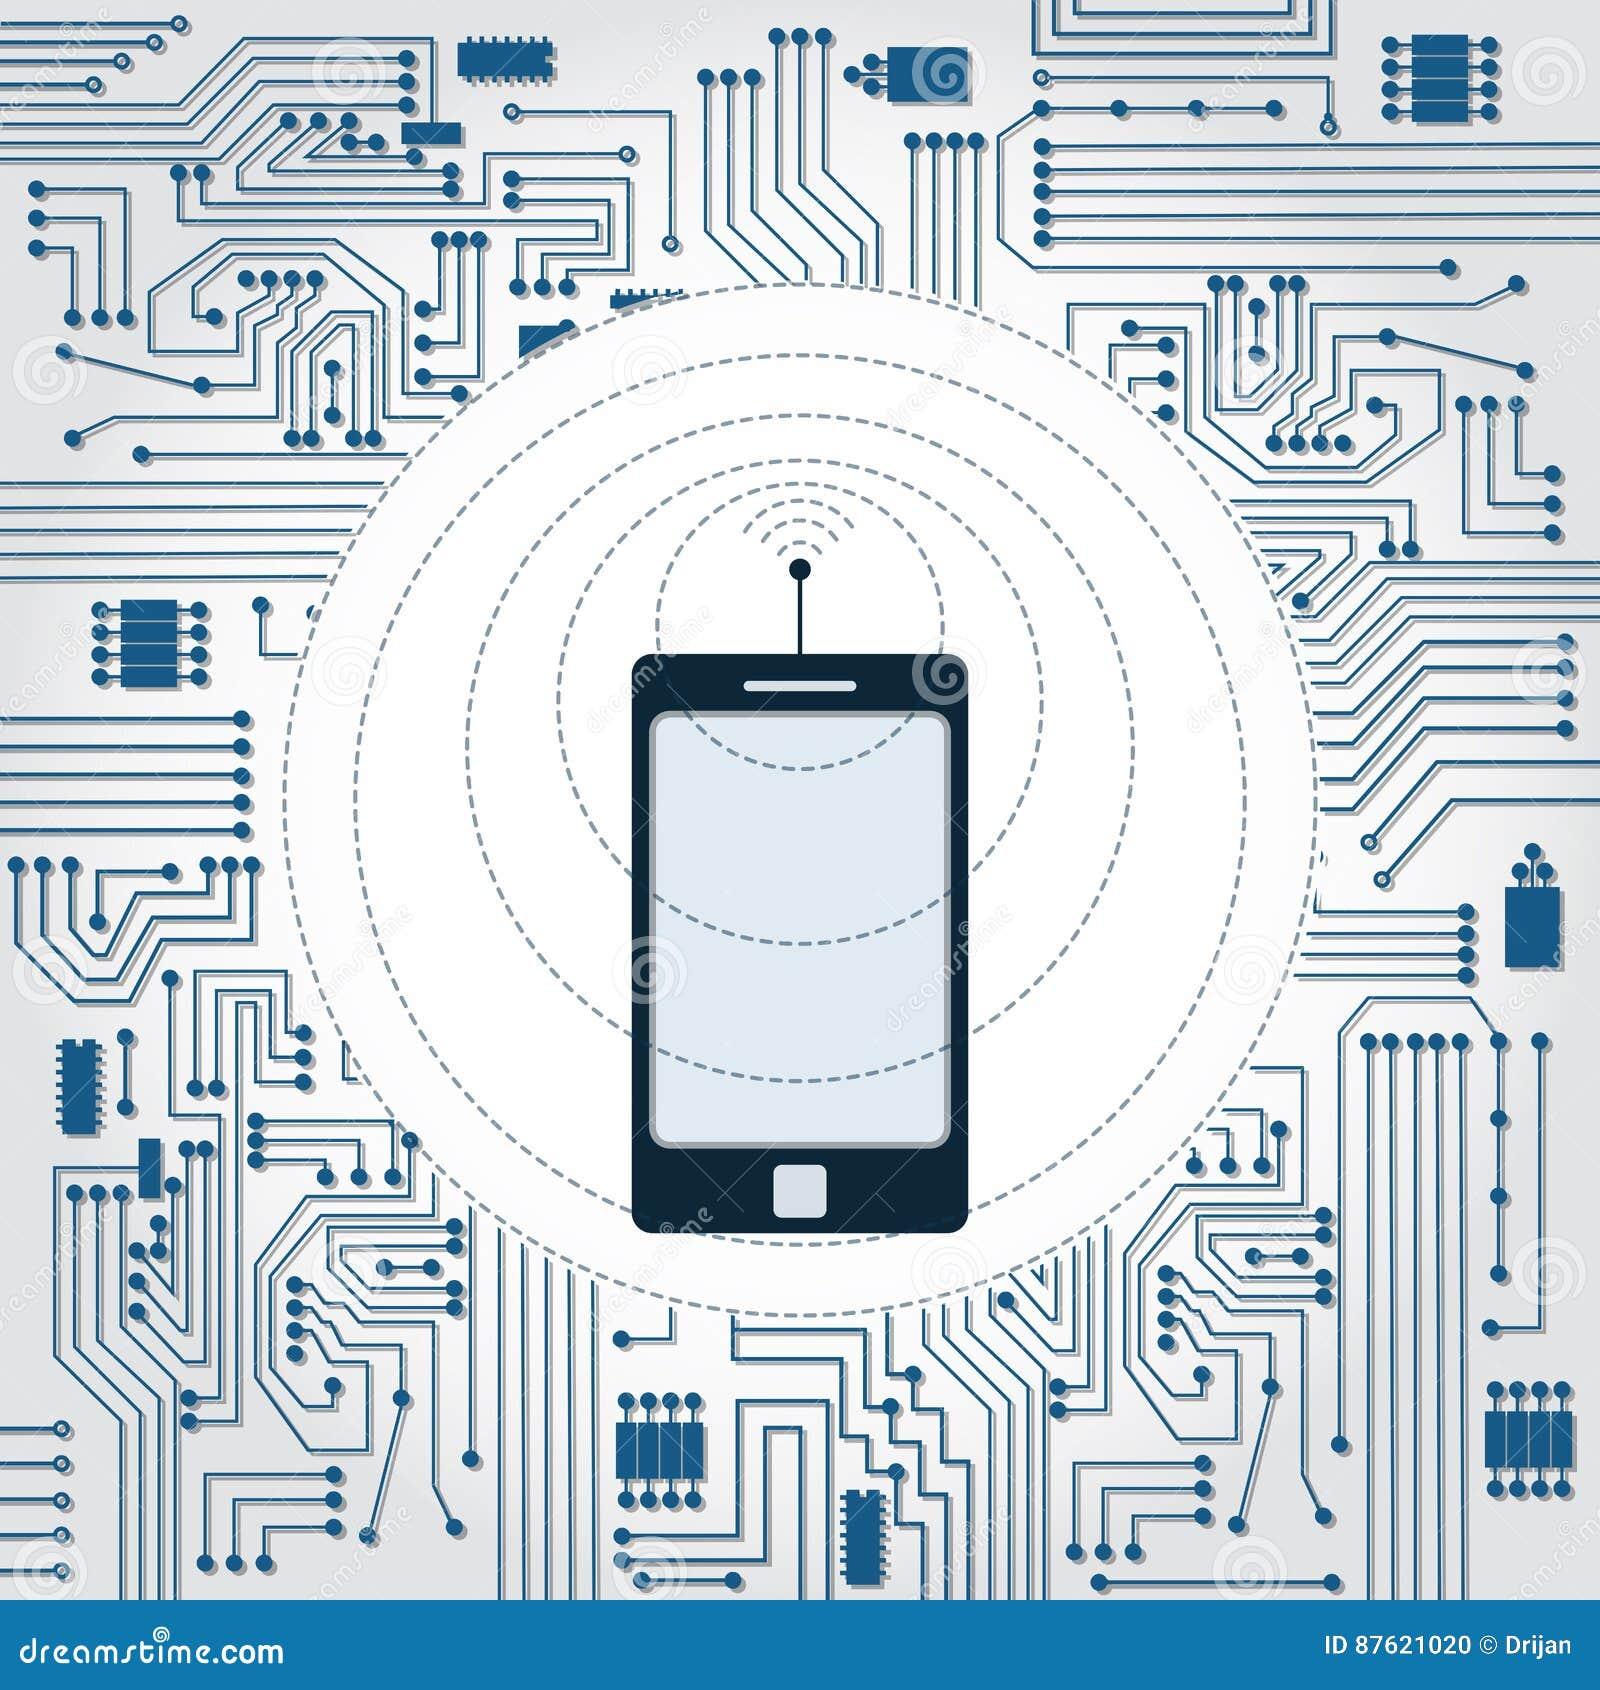 Circuito Onda : Circuito astable con lm generador de onda cuadrada download